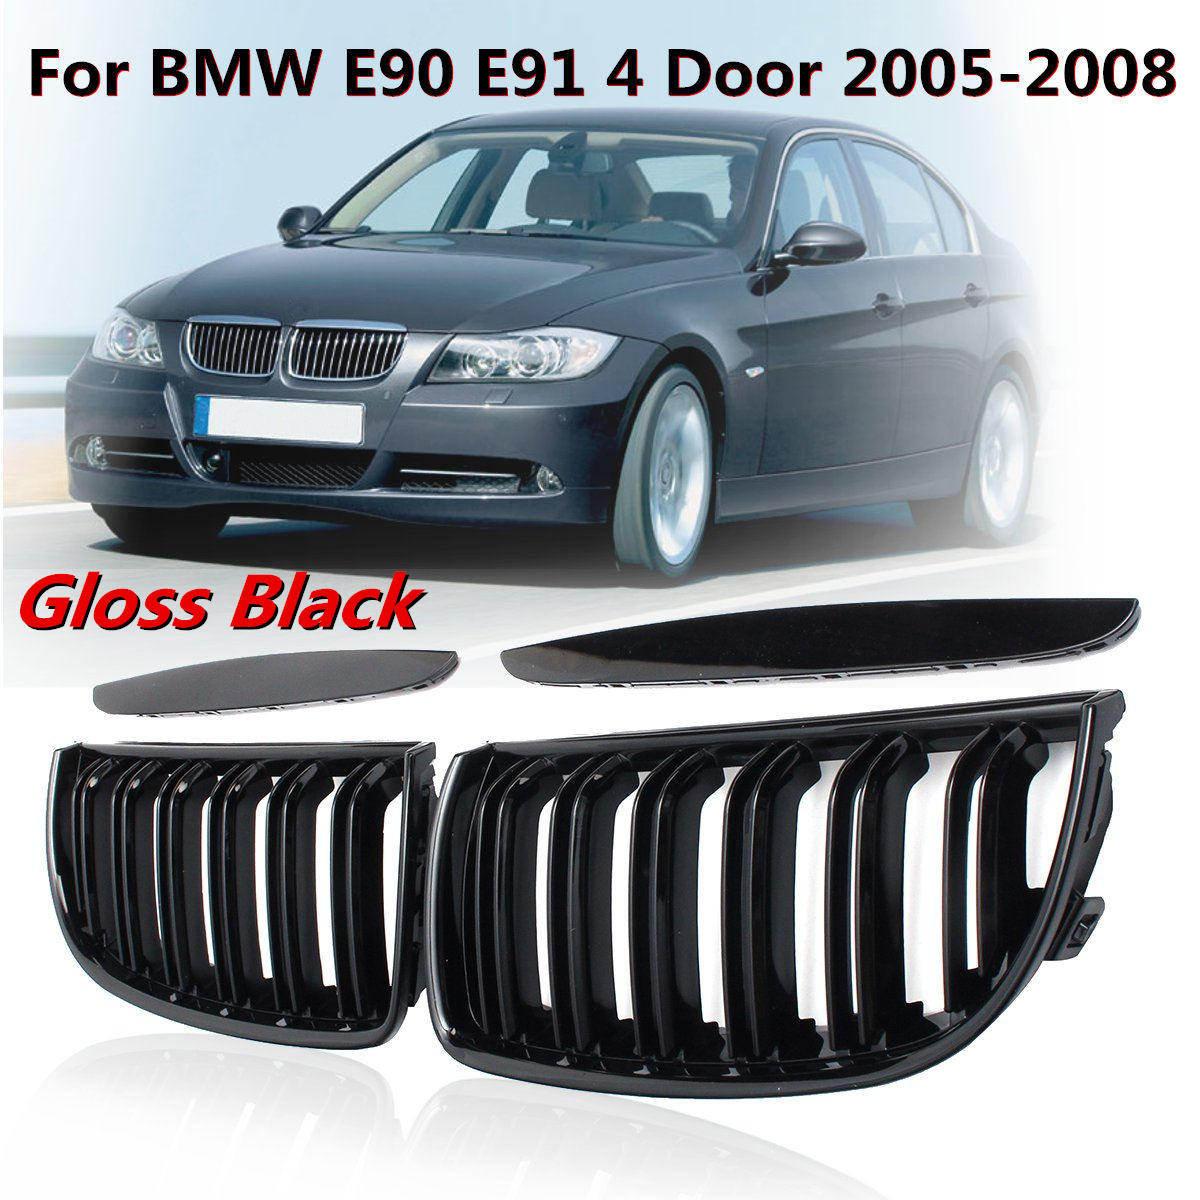 4 цвета пара спереди Gloss матовое углеродное M Цвет черный 2 линия двойная планка почек решетка гриль для BMW E90 E91 4 двери 2005 06 07 2008